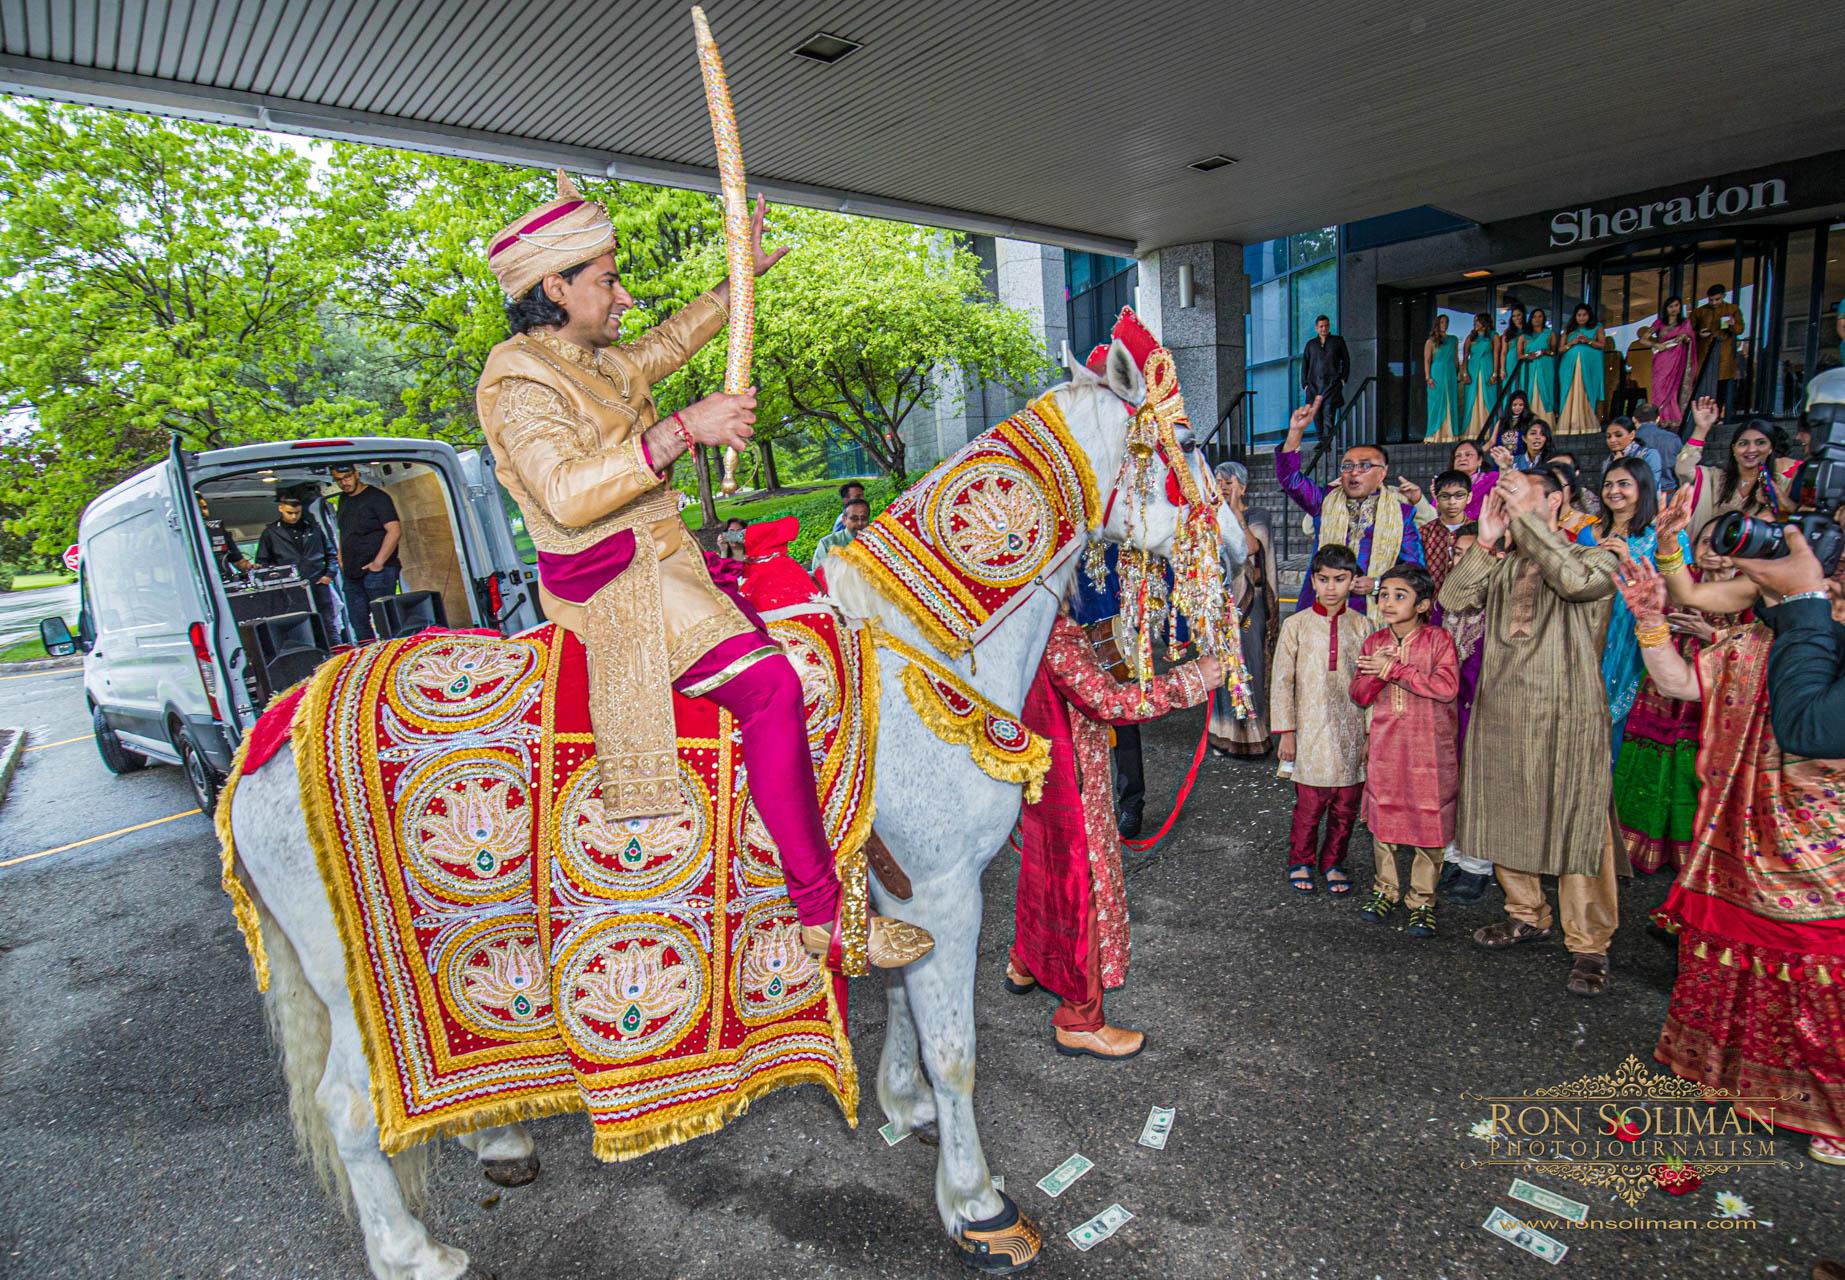 SHERATON MAHWAH INDIAN WEDDING 8